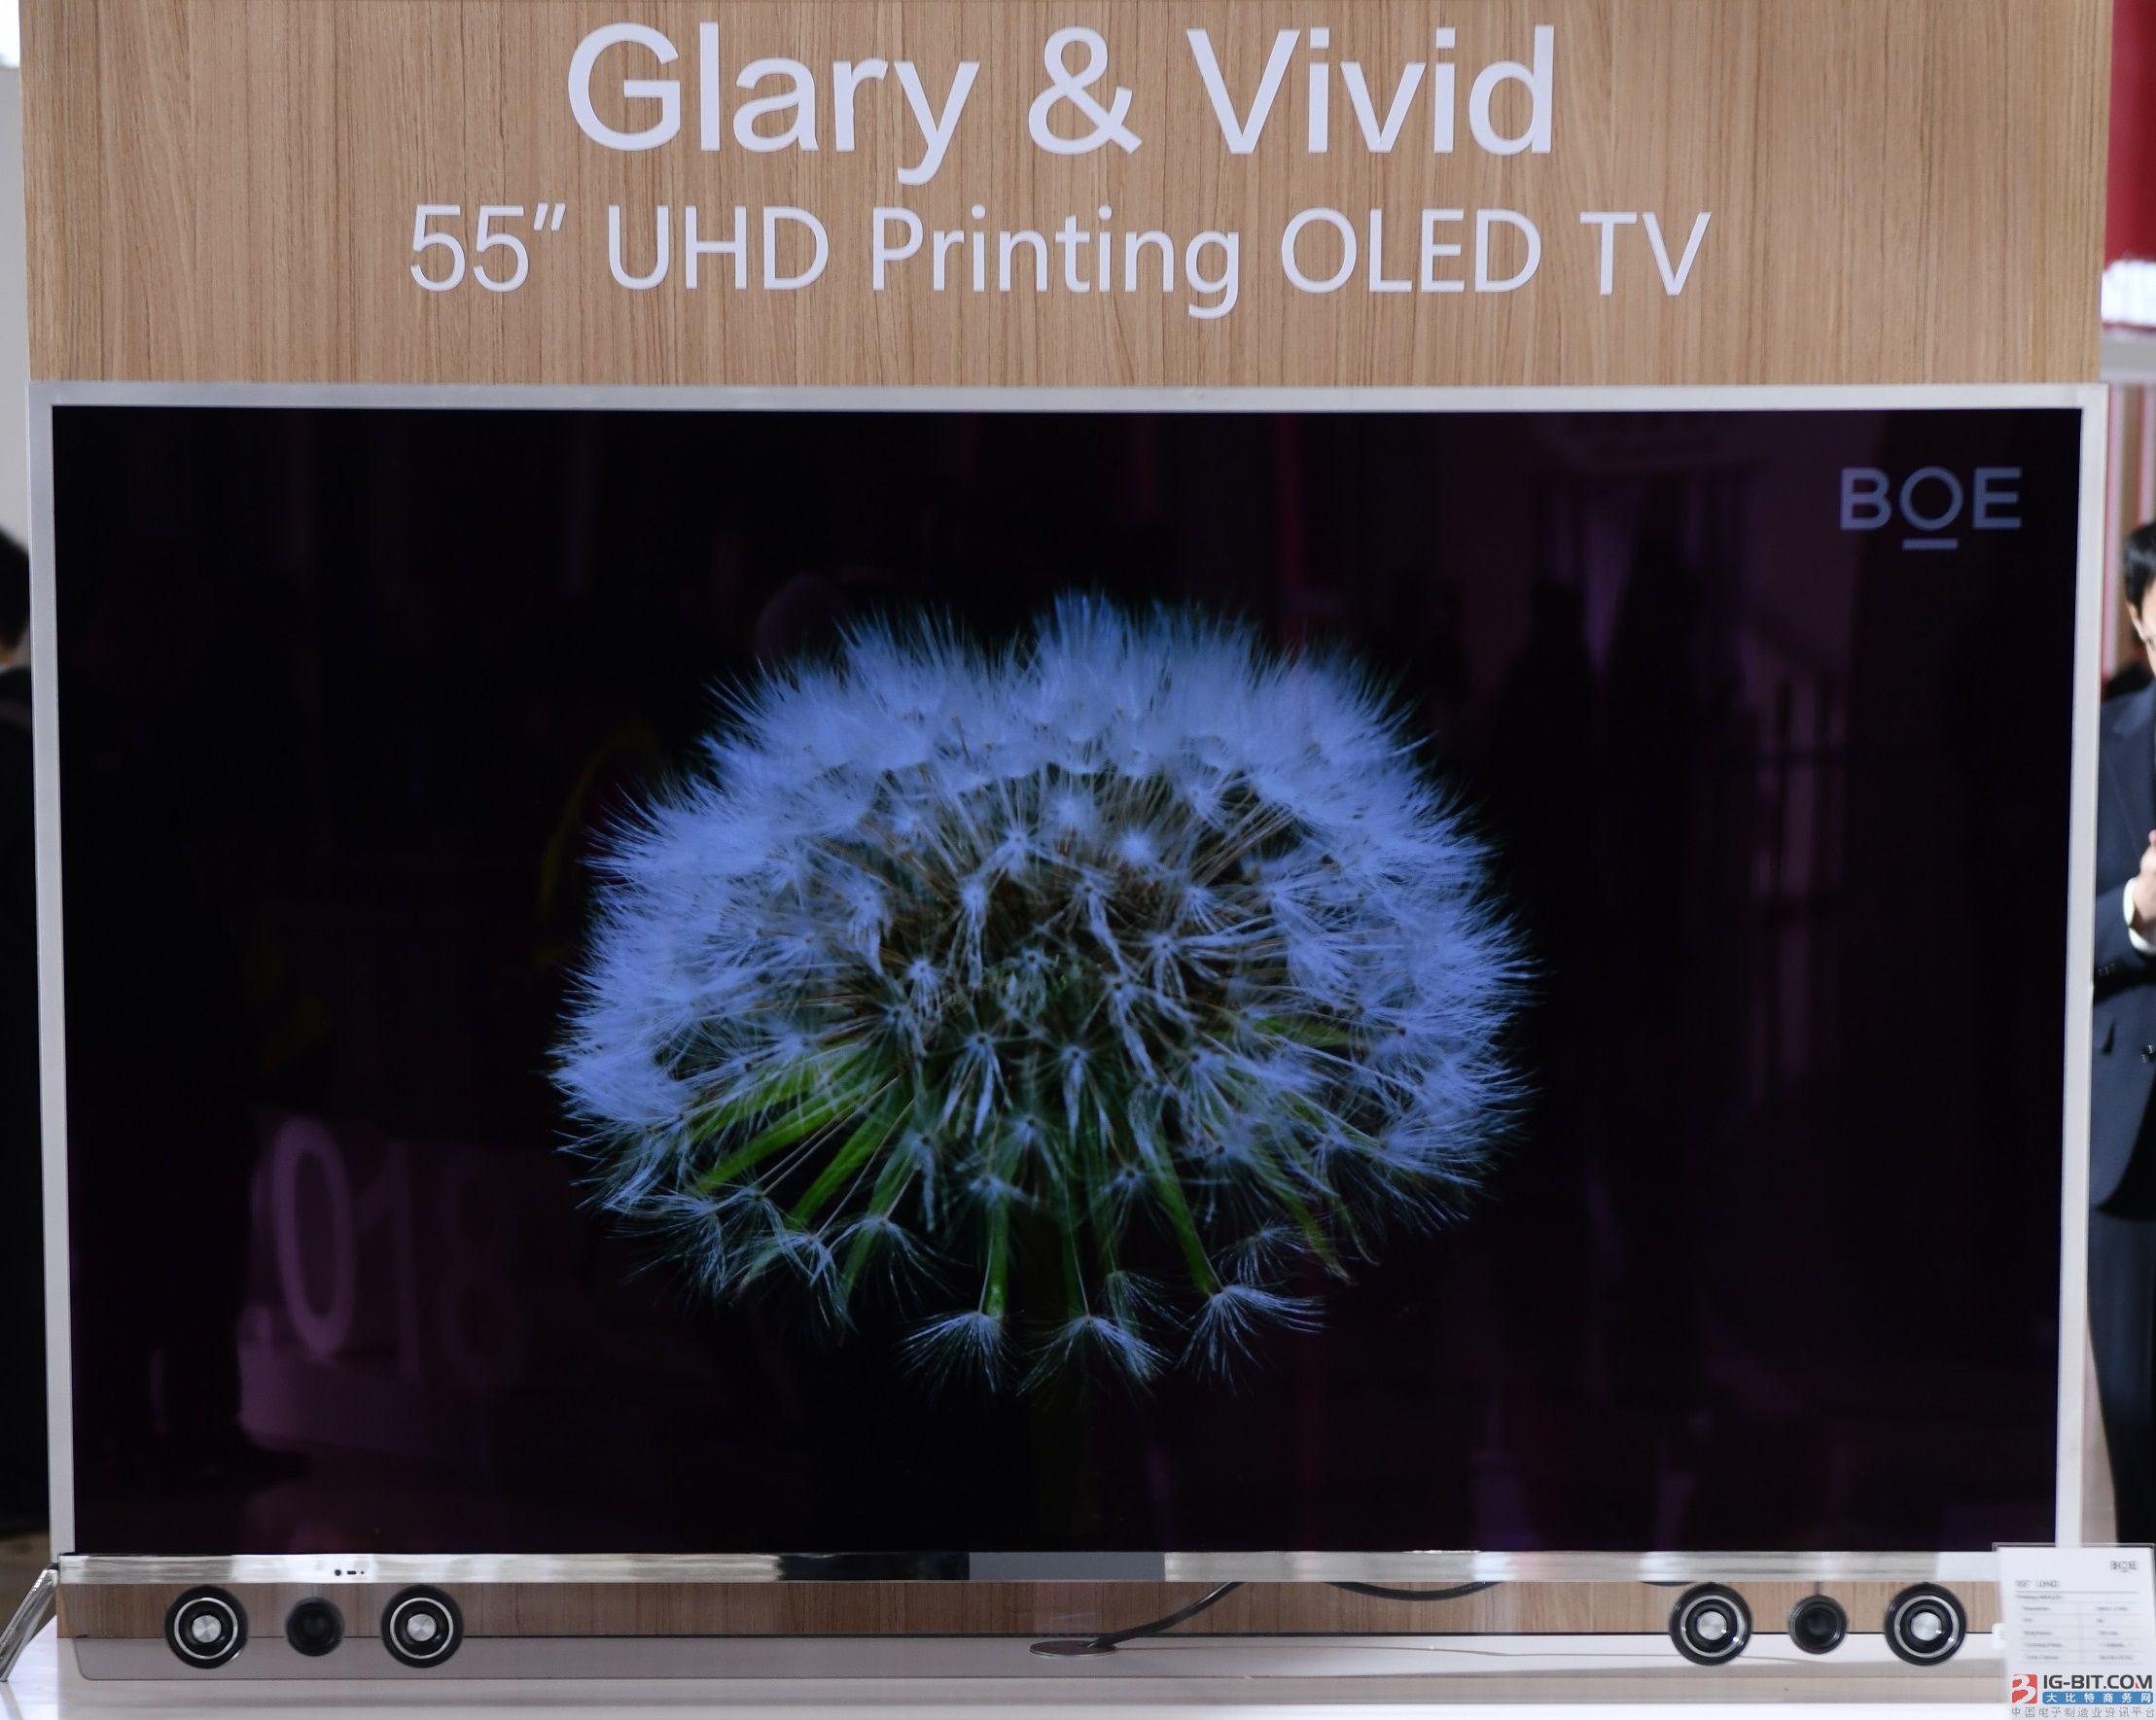 BOE(京东方)发布首款55英寸打印4K OLED显示屏